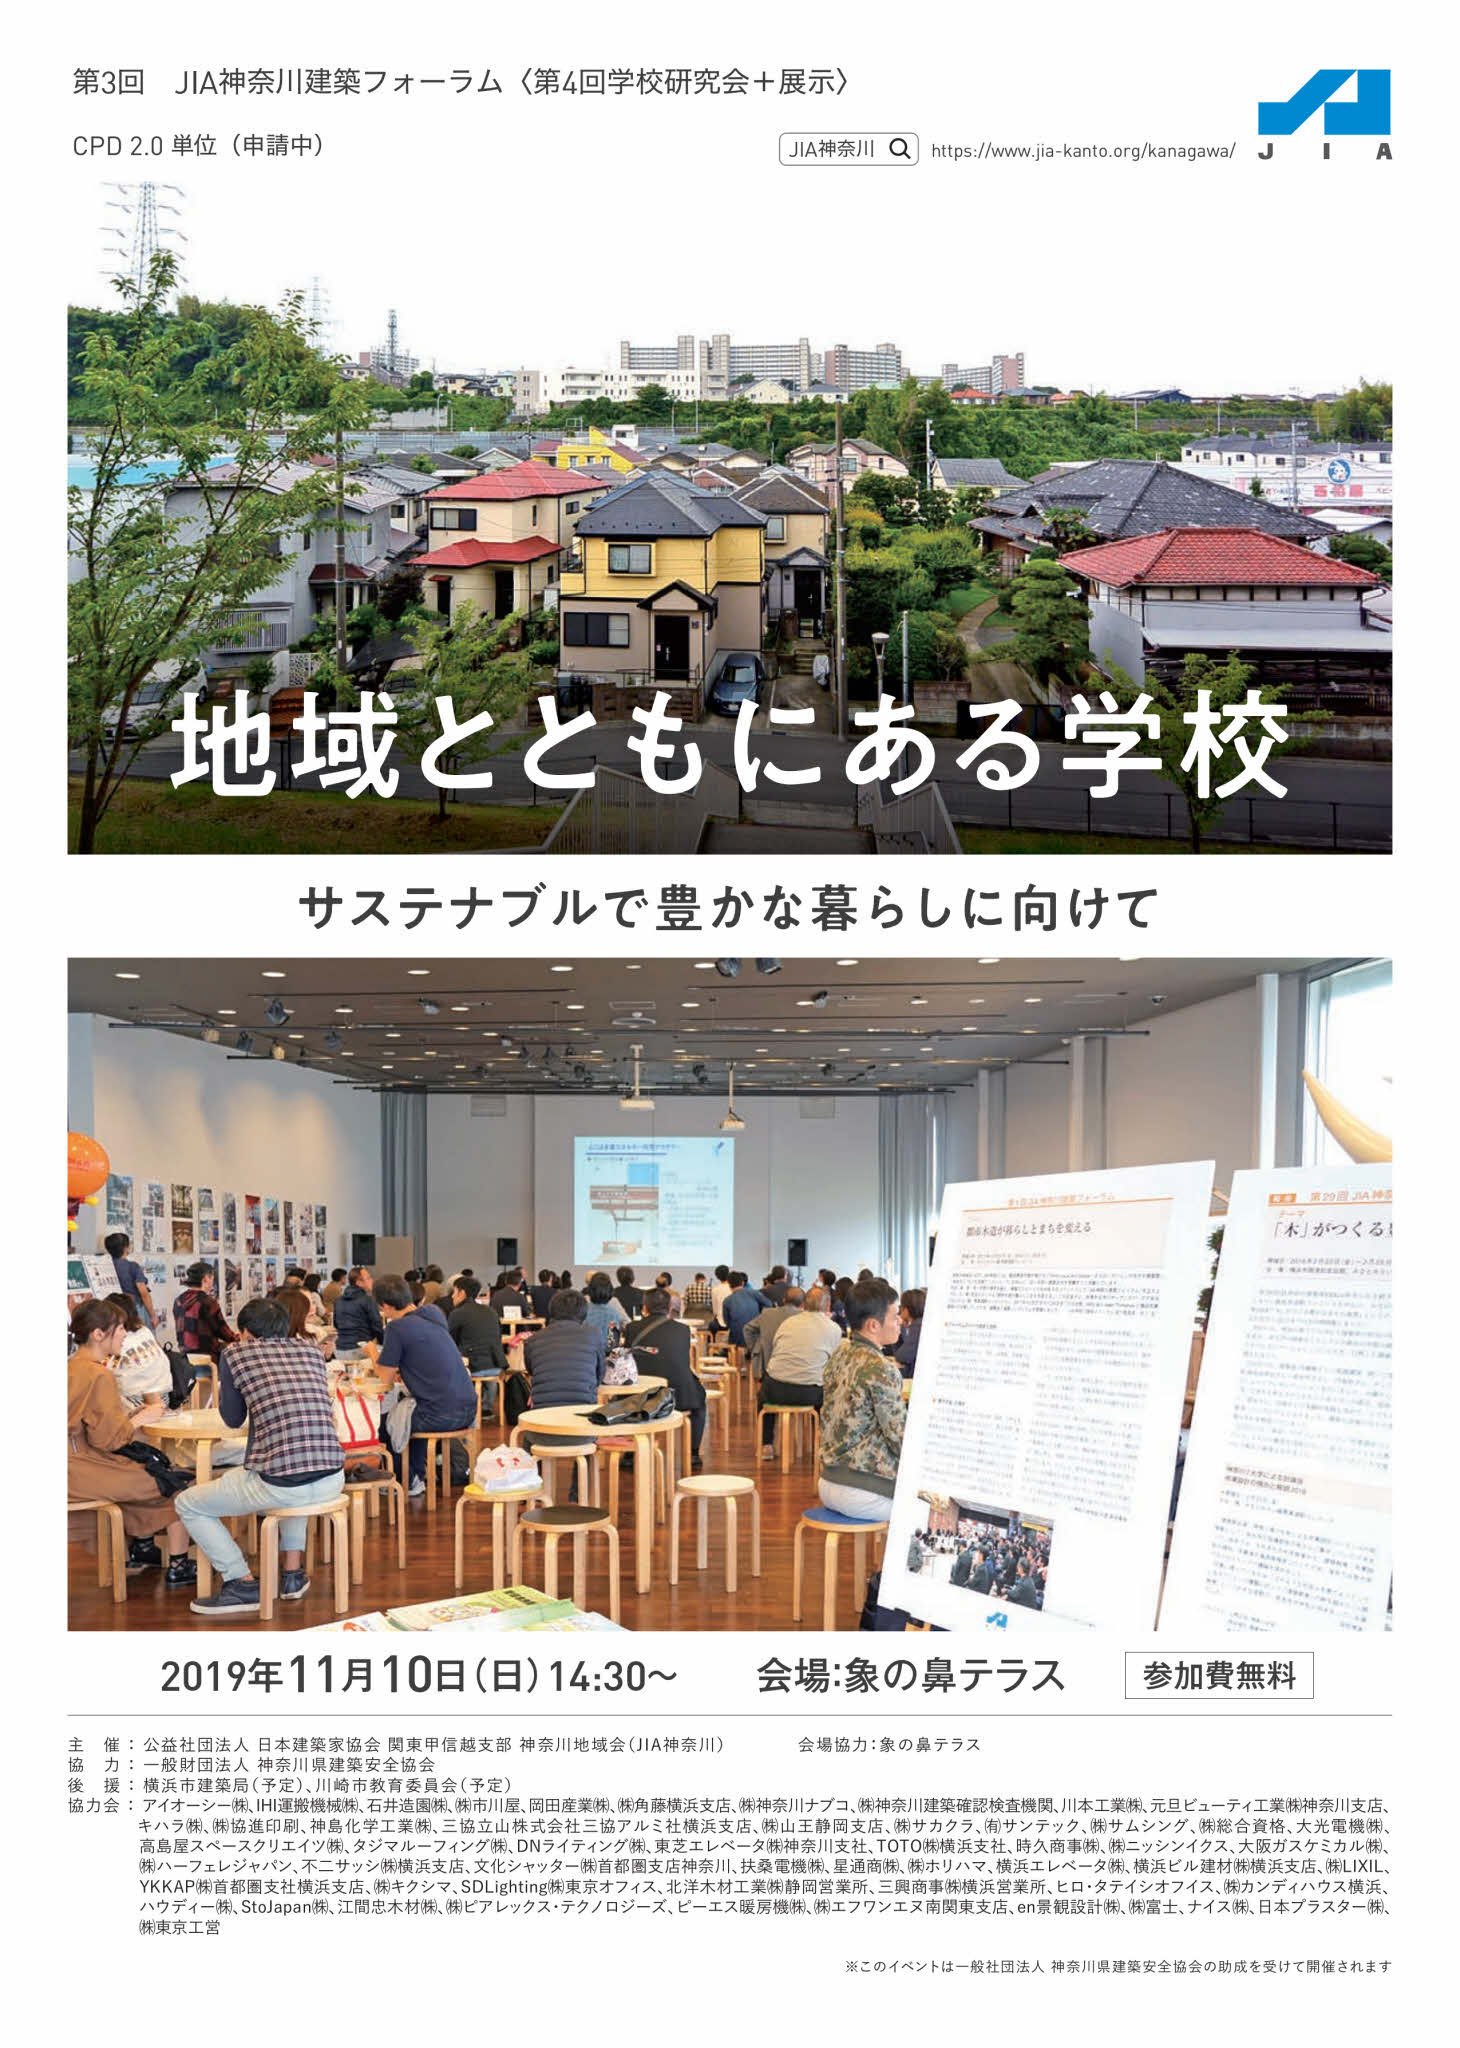 第3回 JIA神奈川建築フォーラム(第4回学校研究会+展示)のお知らせ